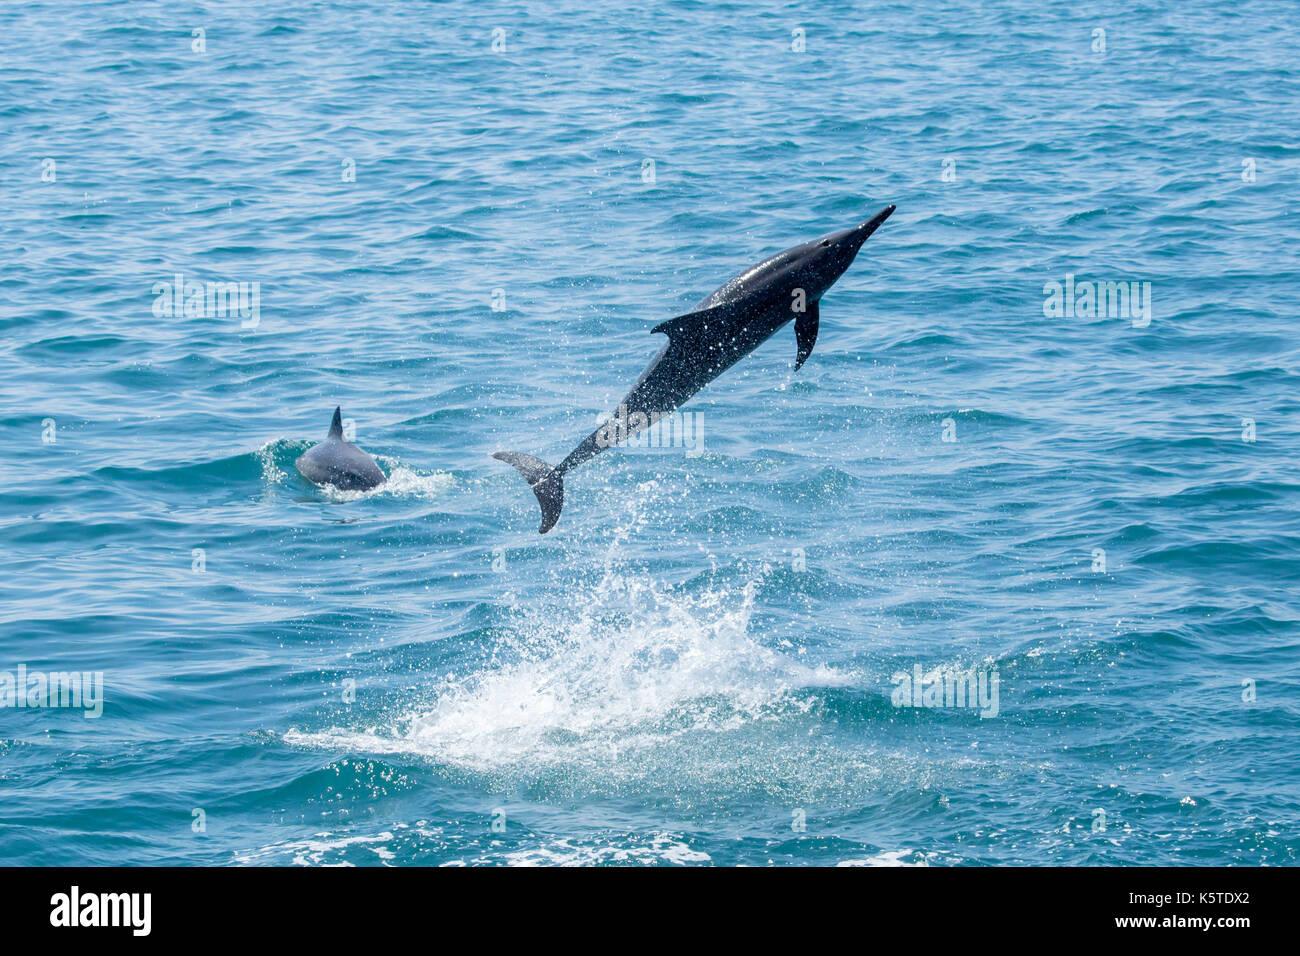 Le gris dauphin à long bec ou hawaiian dauphin à long bec (Stenella longirostris) sauter et tourner dans l'océan Pacifique au large de la côte est de Taiwan Photo Stock